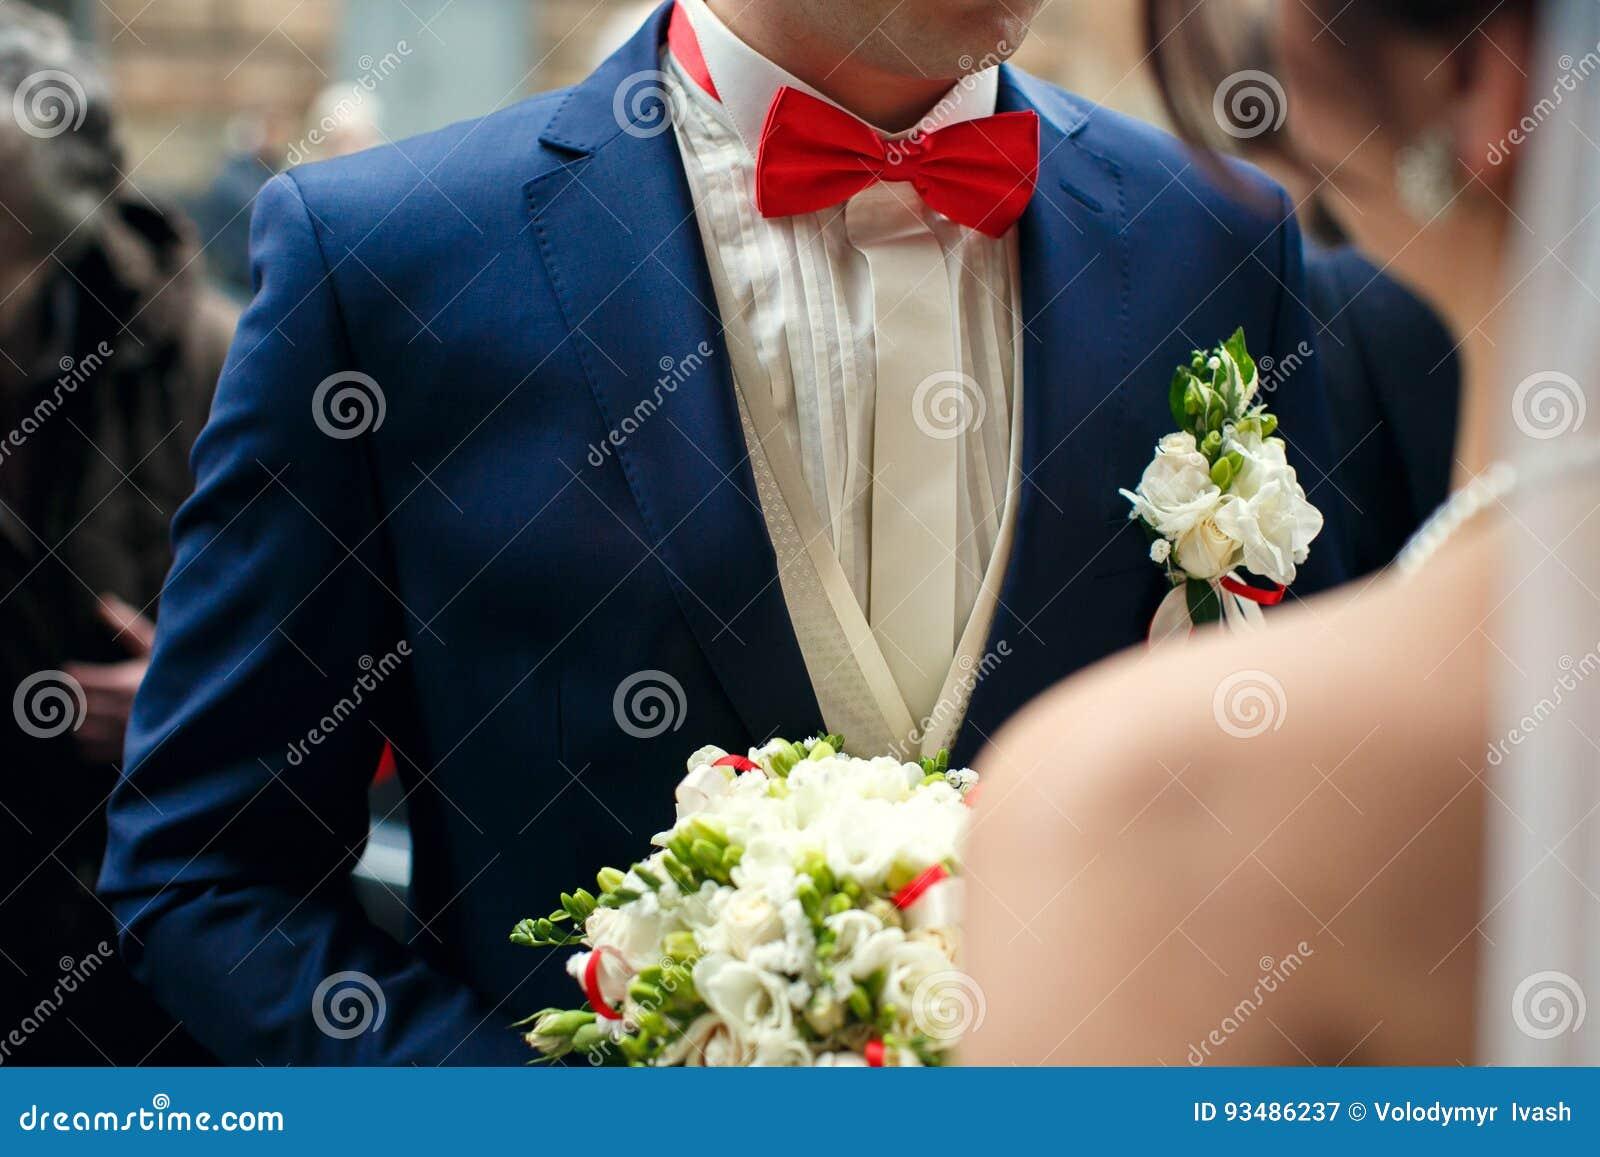 Fliege blauer anzug rote Welche Fliege